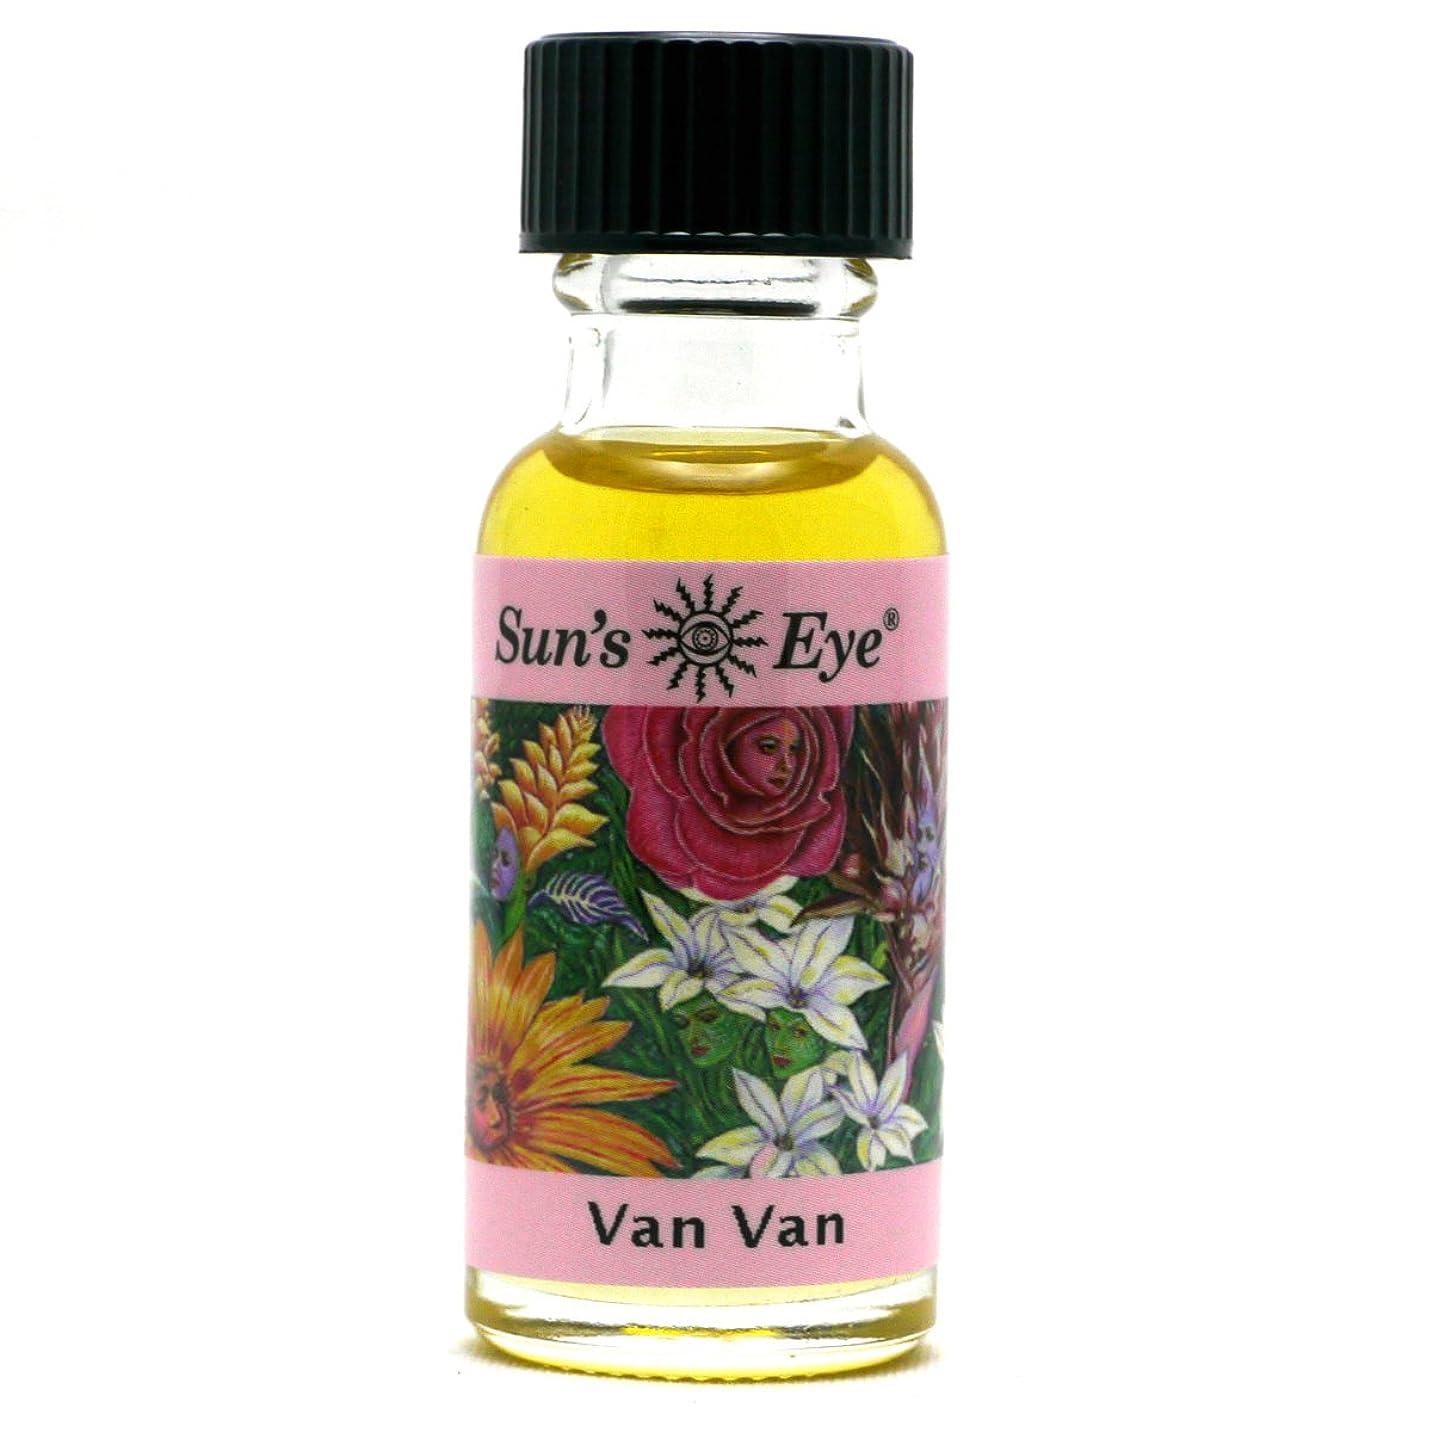 欠員合体マザーランド【Sun'sEye サンズアイ】Specialty Oils(スペシャリティオイル)Van Van(ヴァンヴァン)浄化と成功